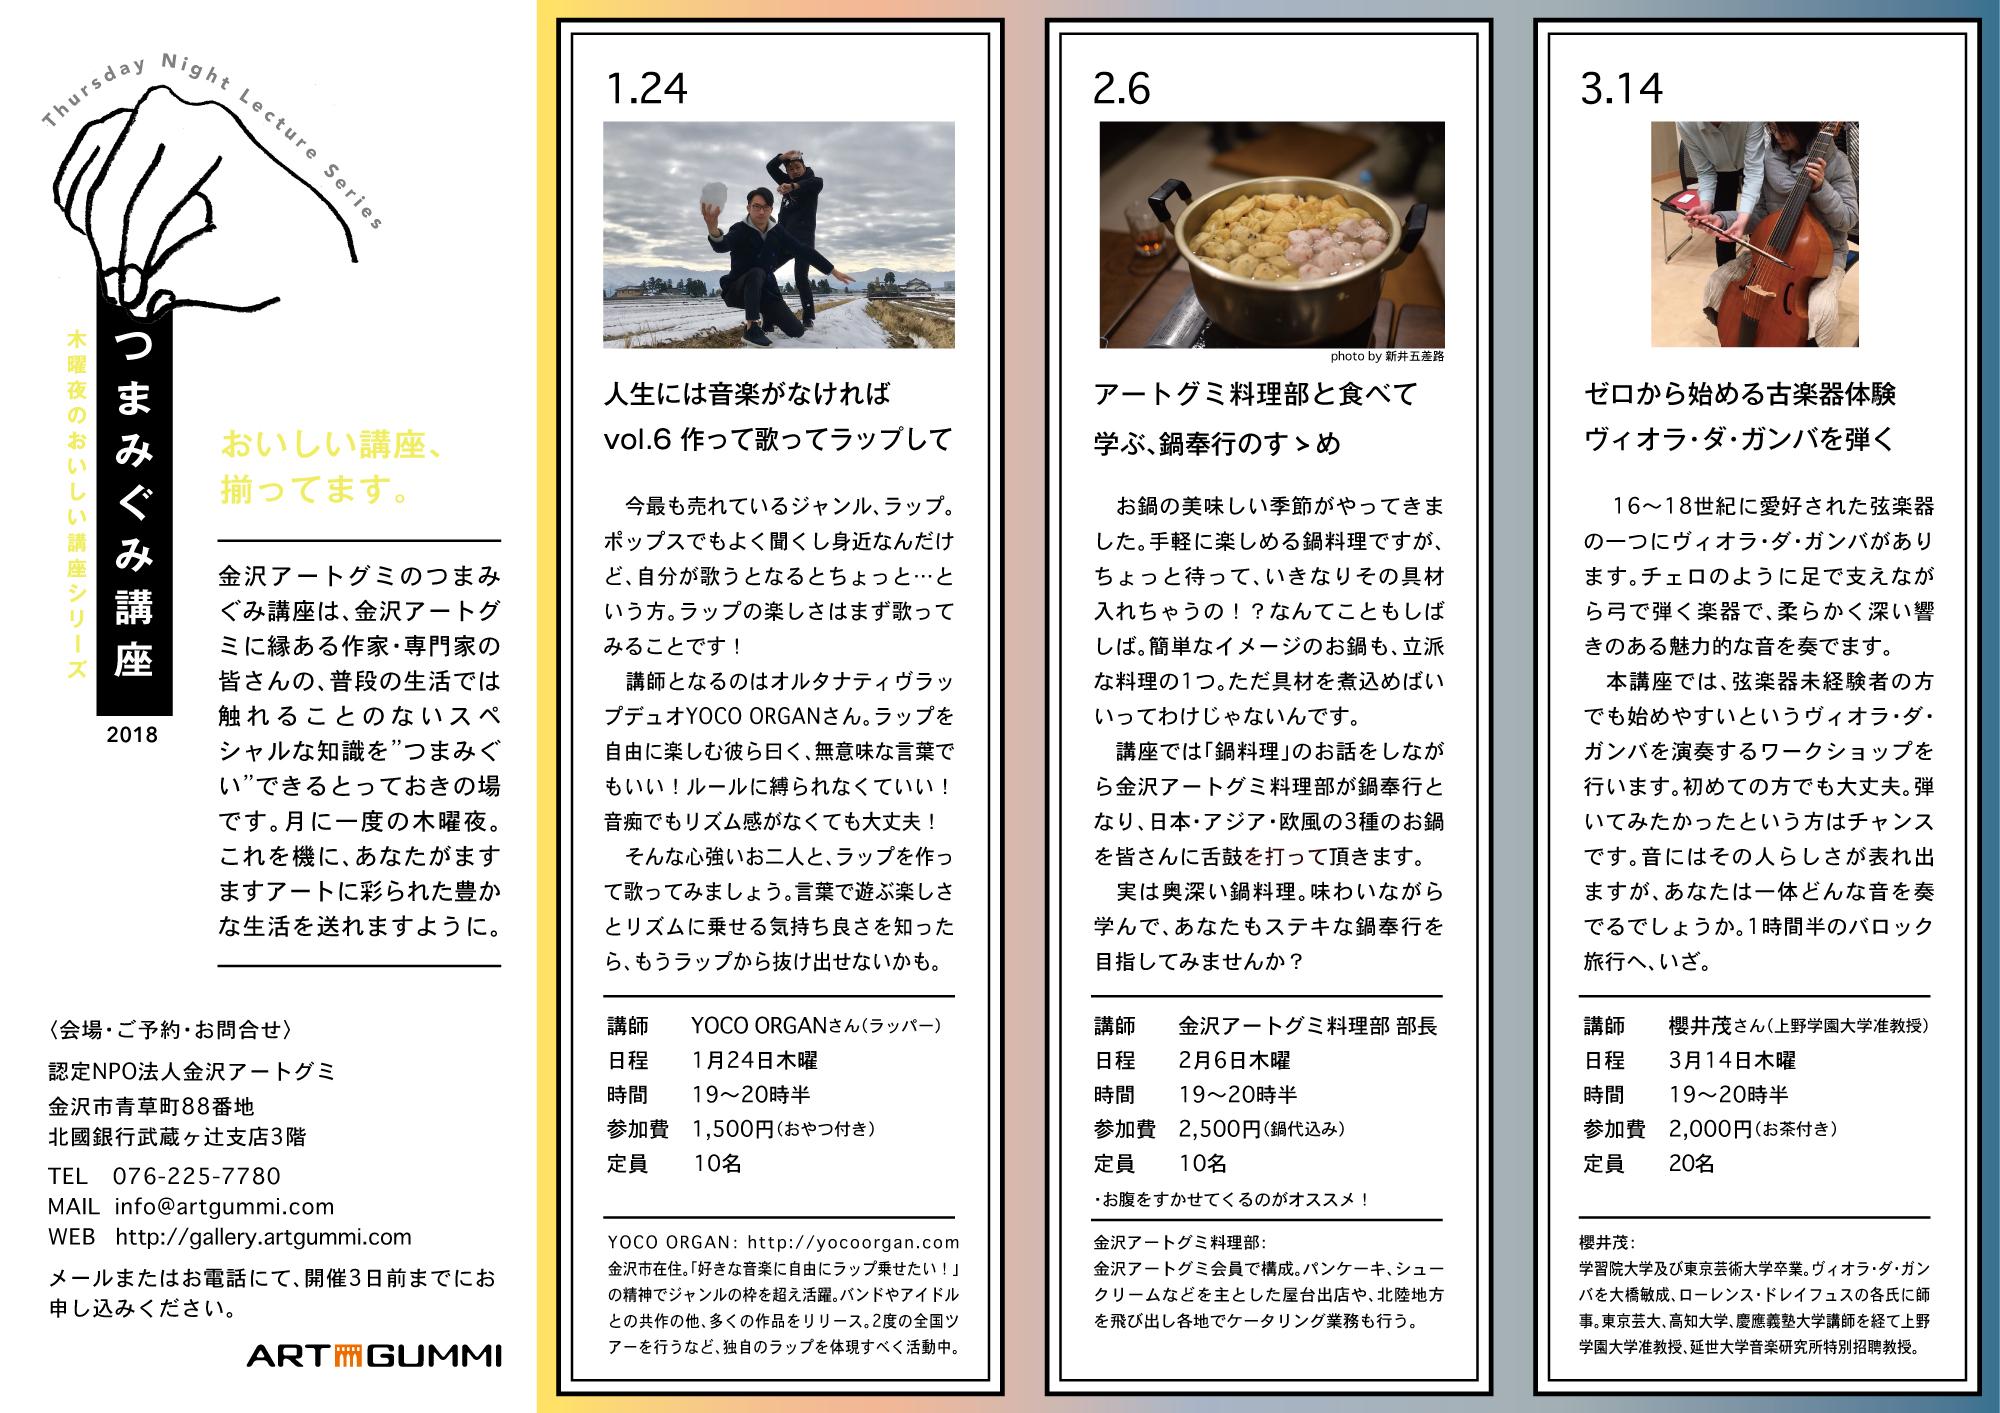 つまみぐみ講座2019年1月〜3月